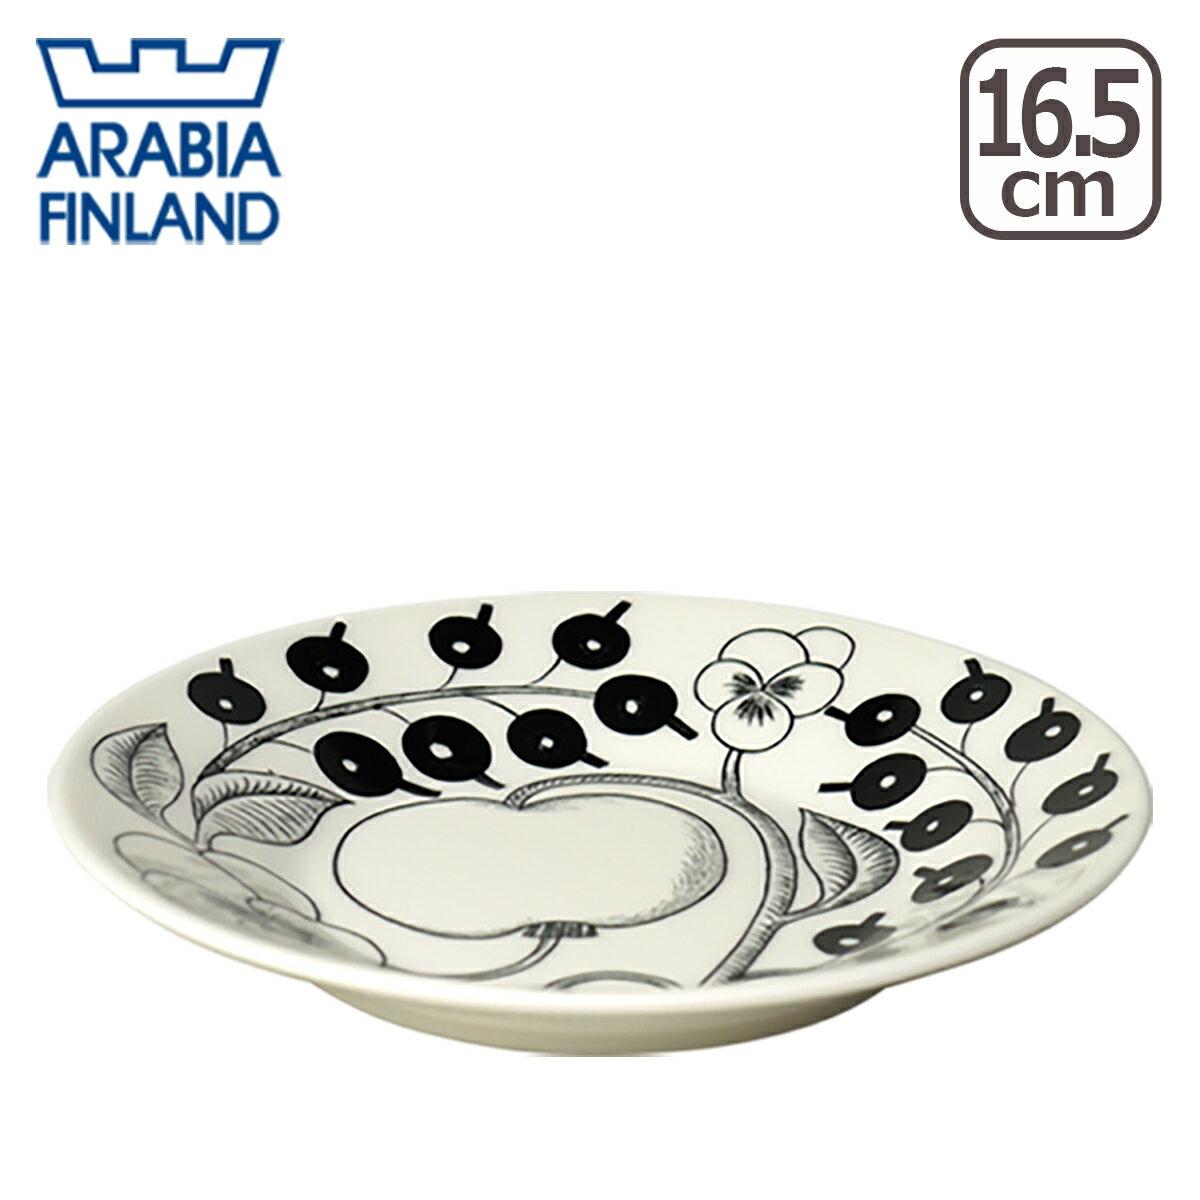 アラビア(Arabia) ブラックパラティッシ(ブラック パラティッシ) 16.5cmプレート 皿 (Paratiisi) 北欧 フィンランド 食器